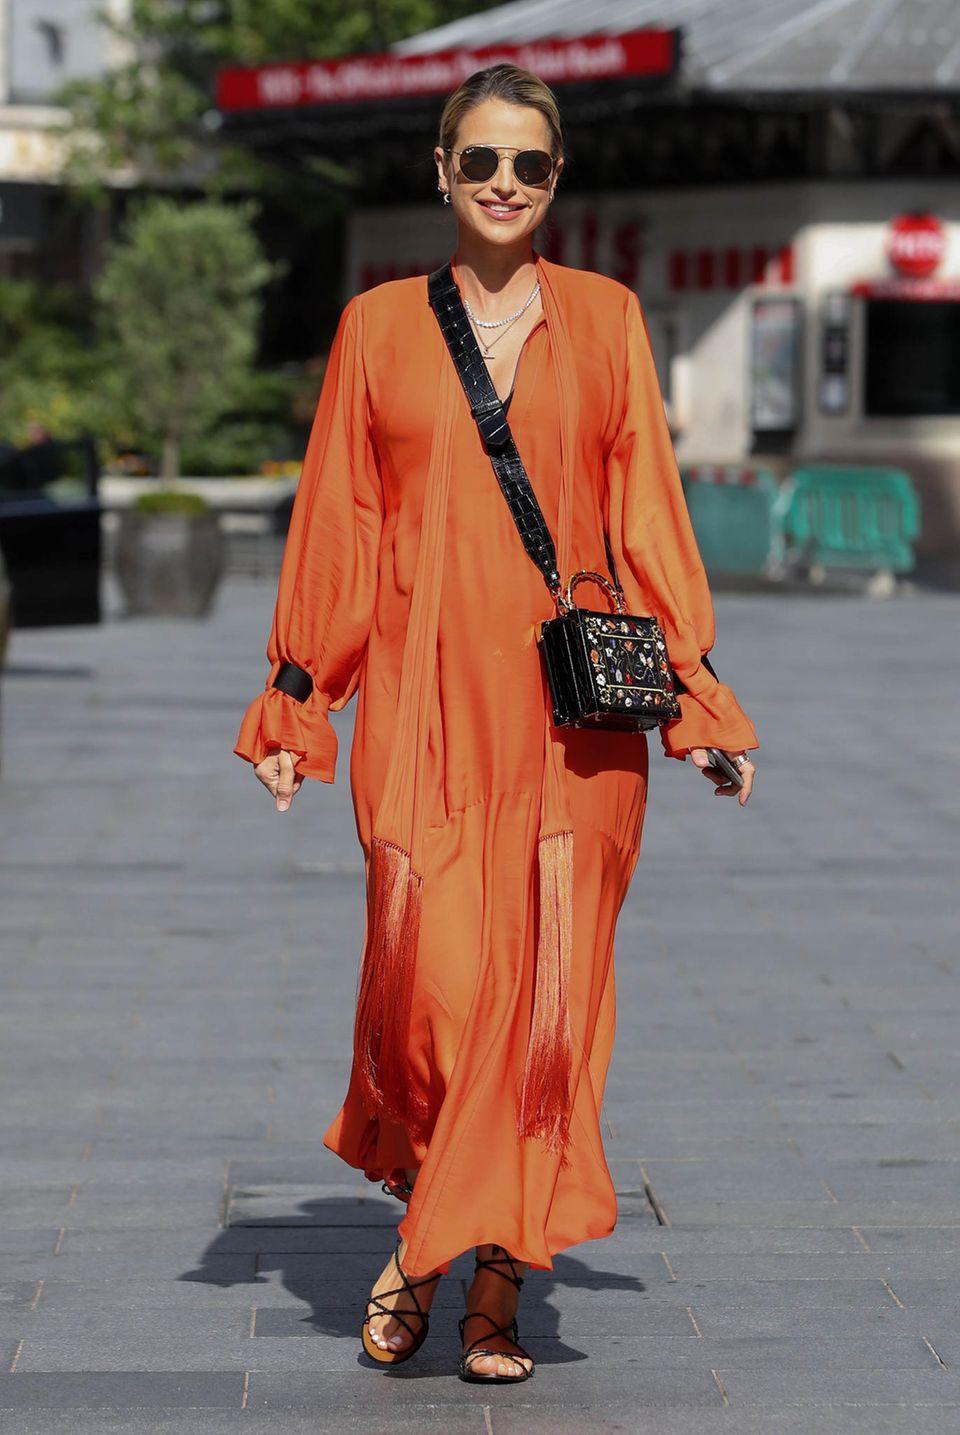 Da geht uns das Style-Herz auf!Vogue Williams, Schwägerin von Pippa Middleton, zeigt in London, wie sie ihre Babykugel besonders fröhlich verpackt: Orangefarbenes Maxikleid, Sandalen, Sonnenbrille und natürlich ein strahlendes Lächeln!